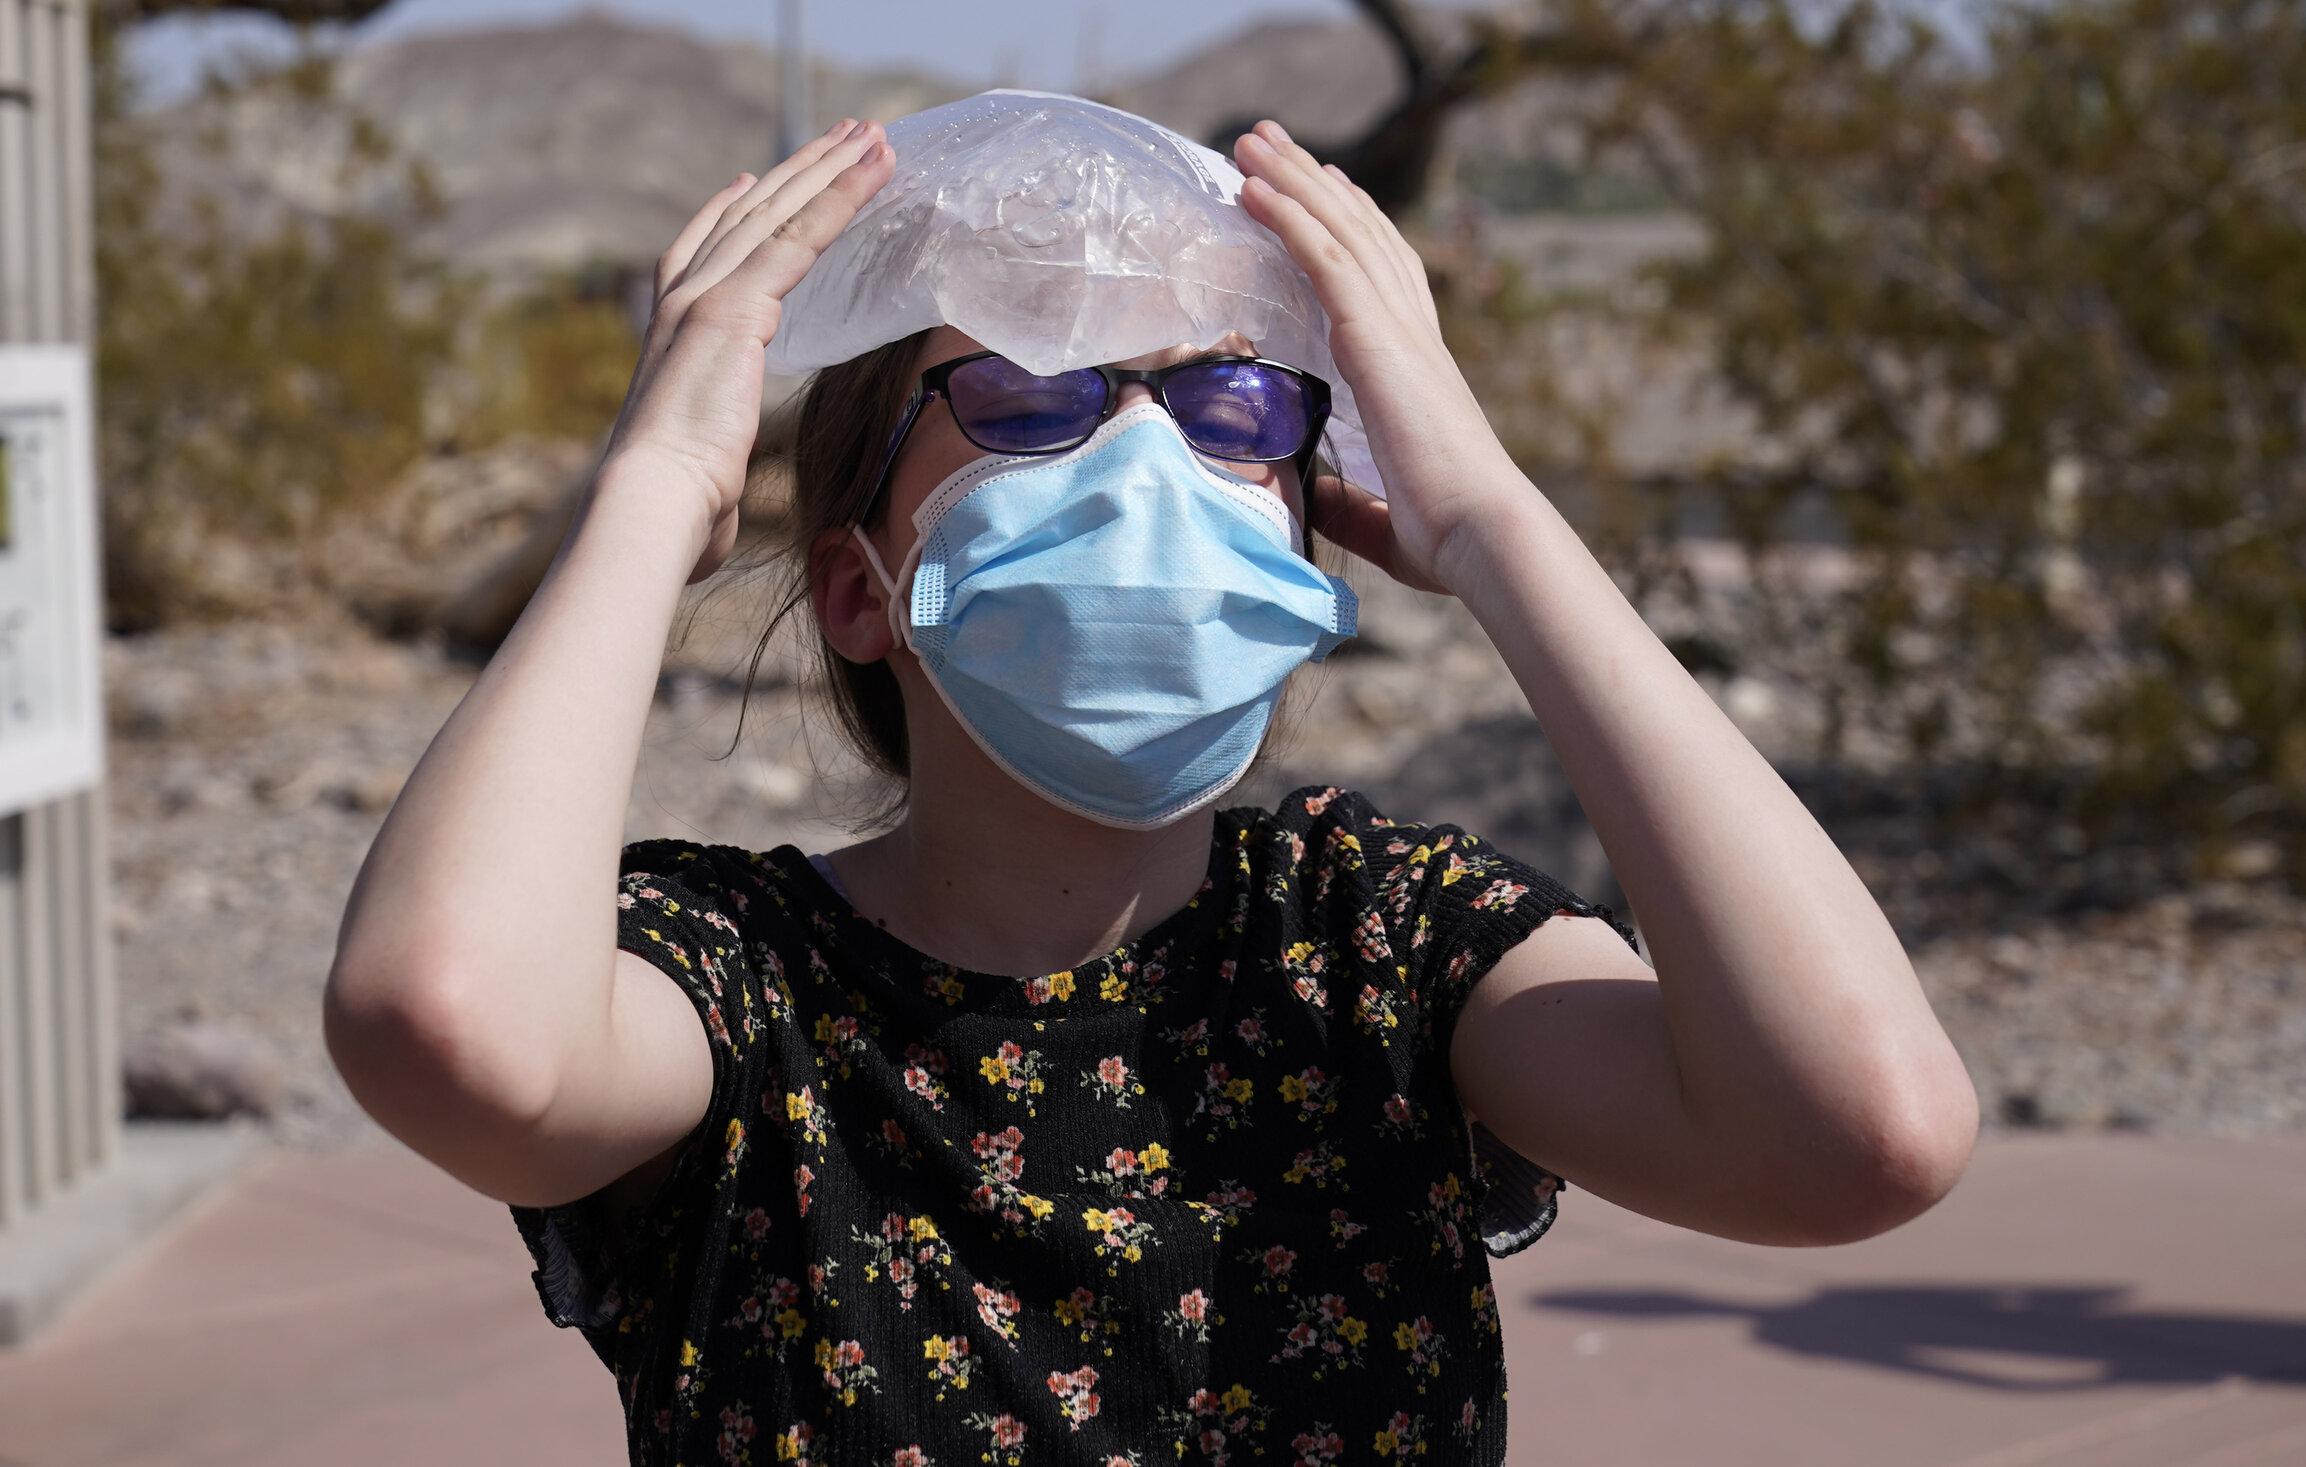 Belgia| În august, canicula a făcut mai multe victime decât coronavirusul